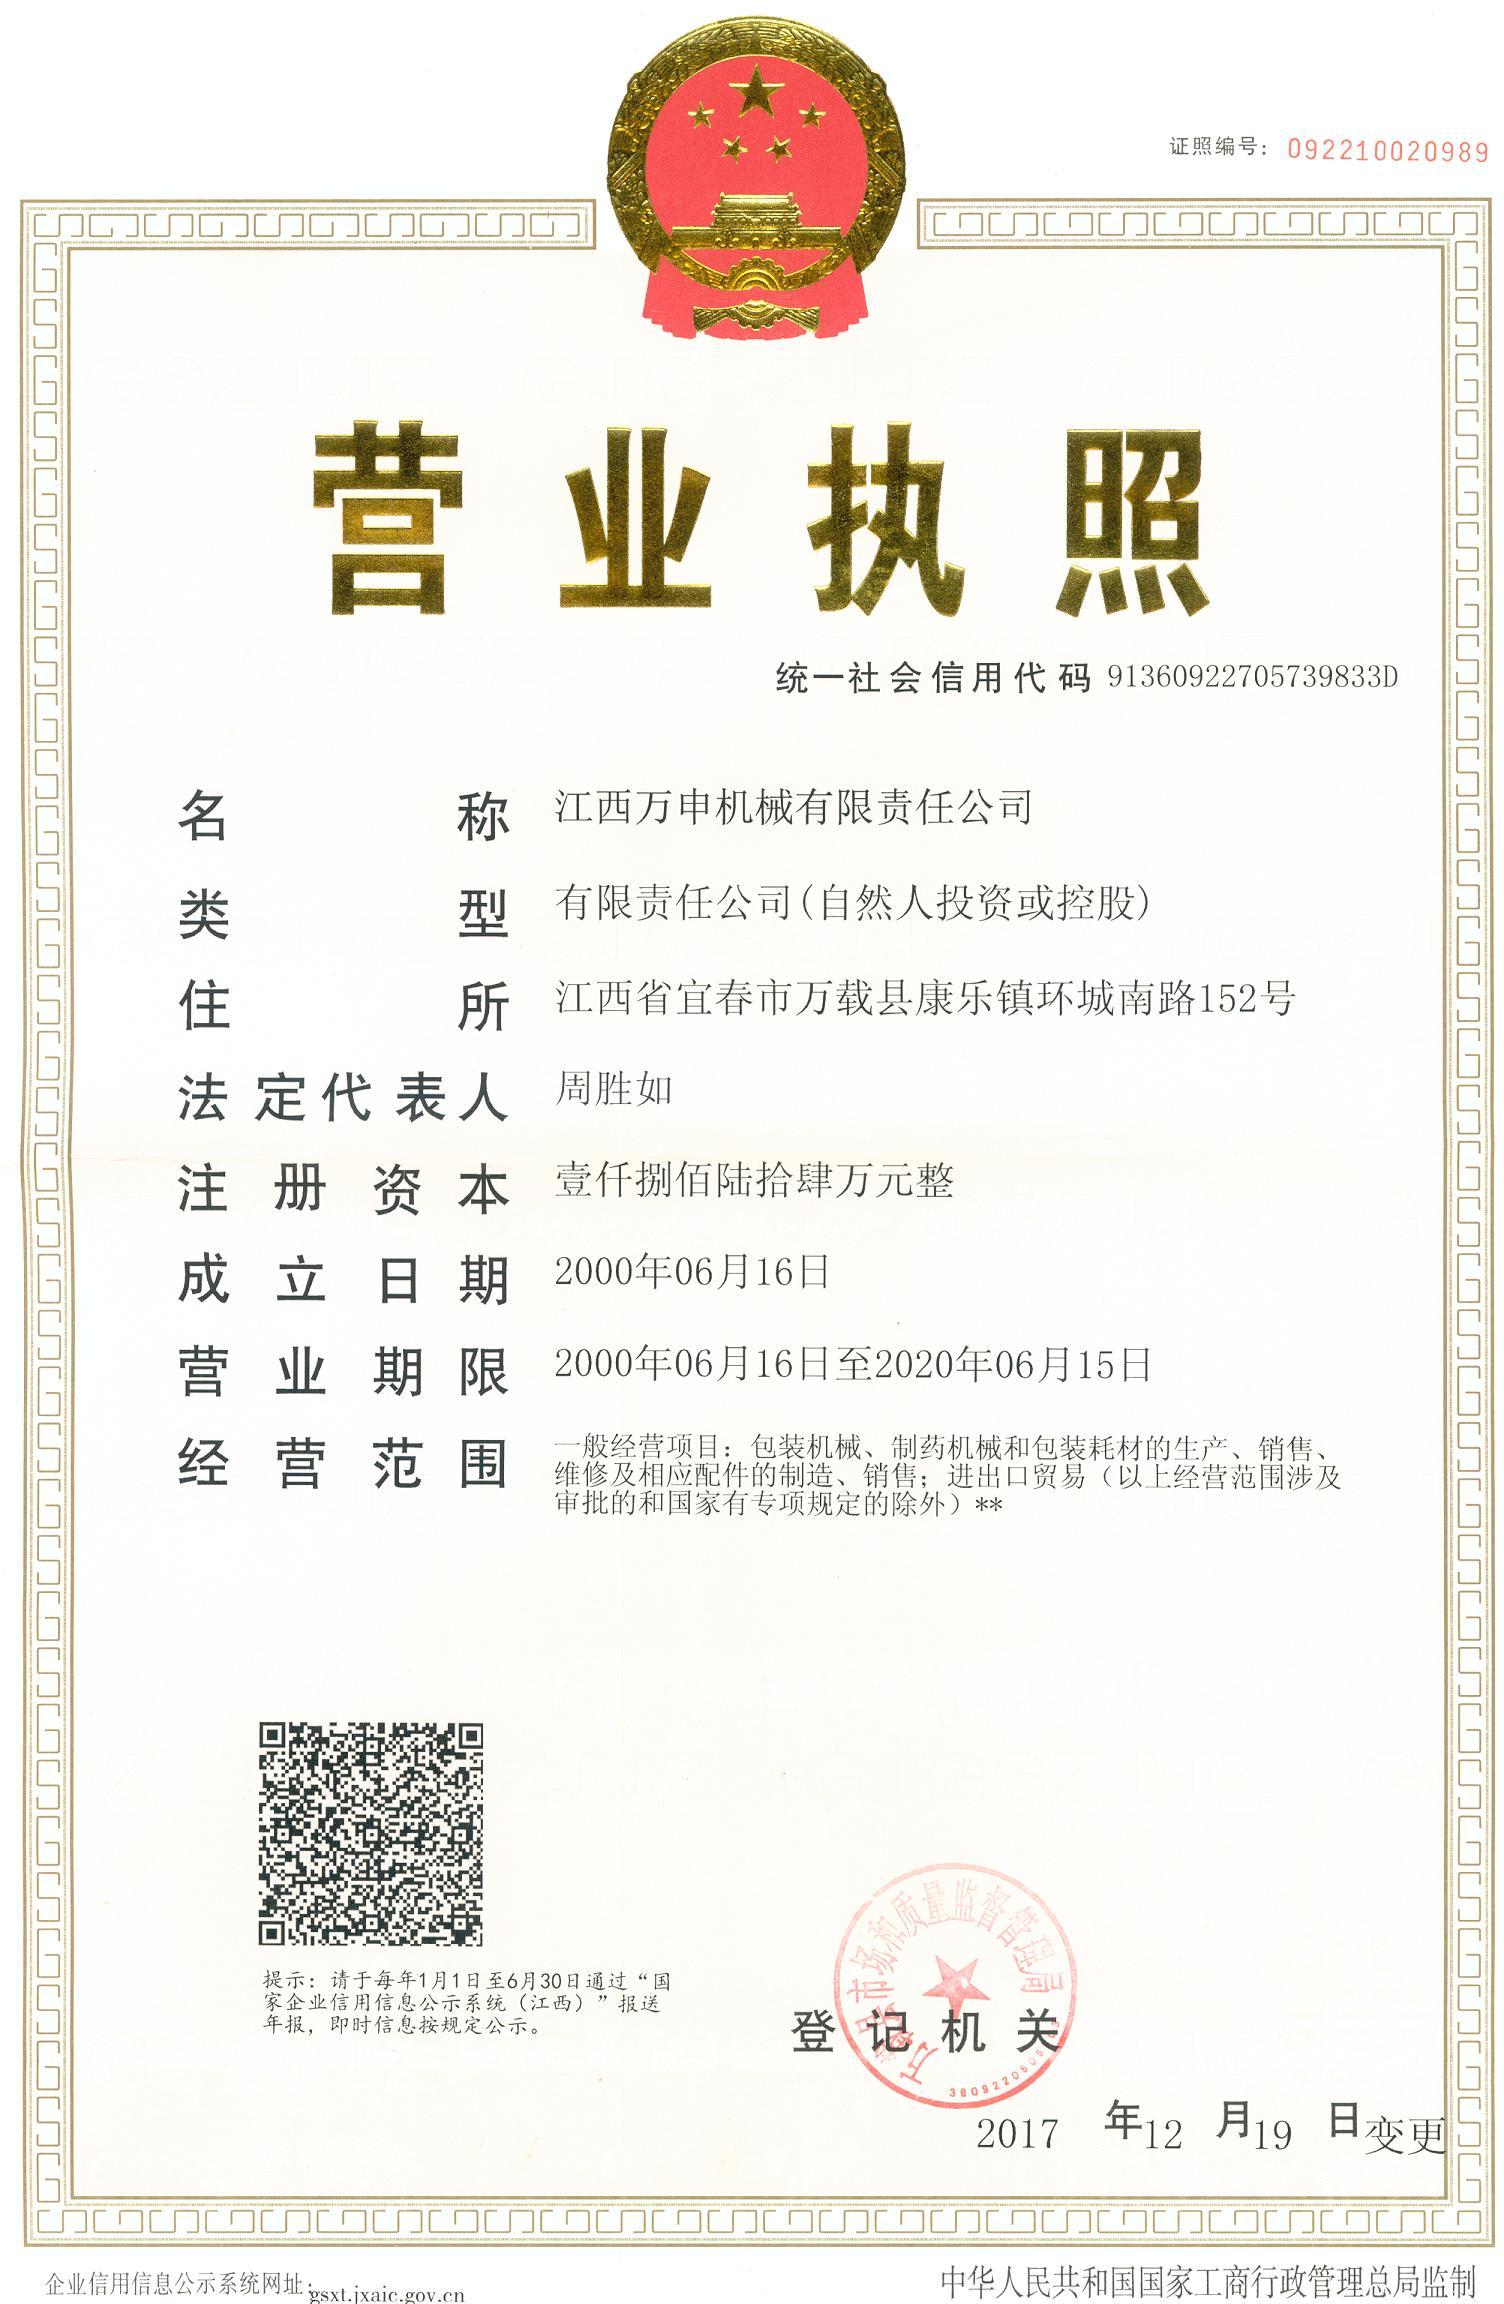 江西万申机械有限责任公司营业执照